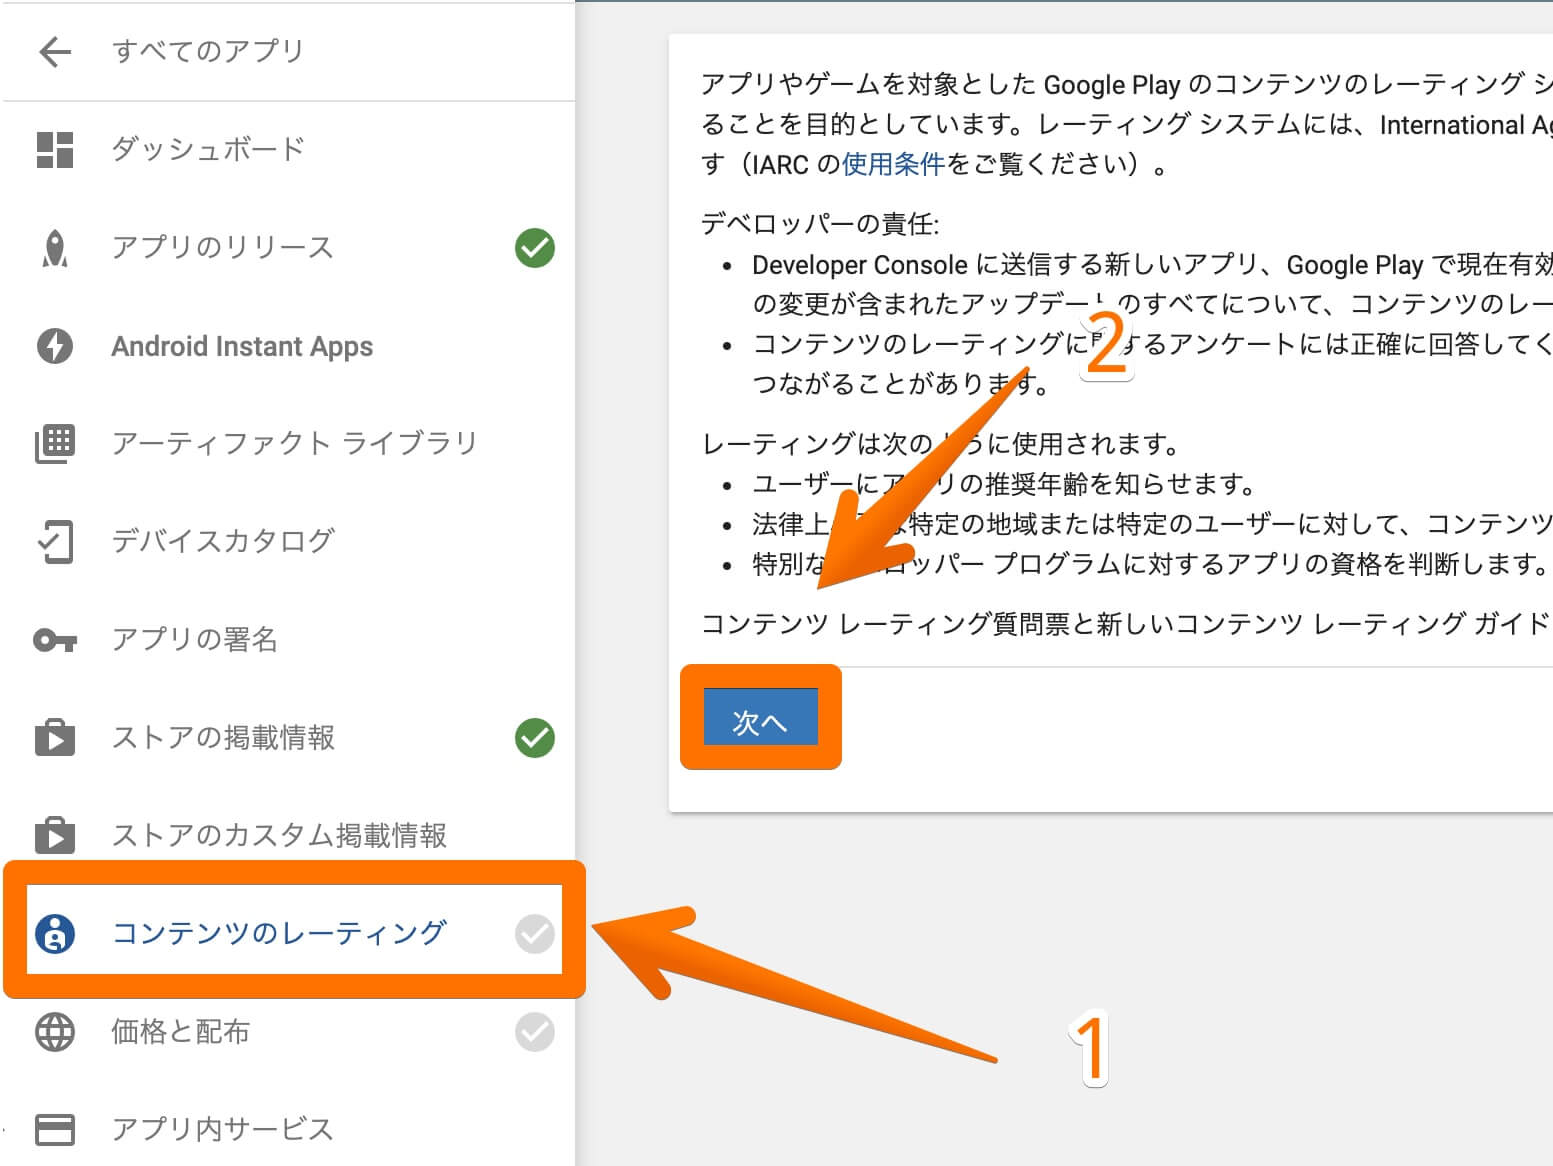 Google-Play-Consoleでリリース名を入力する